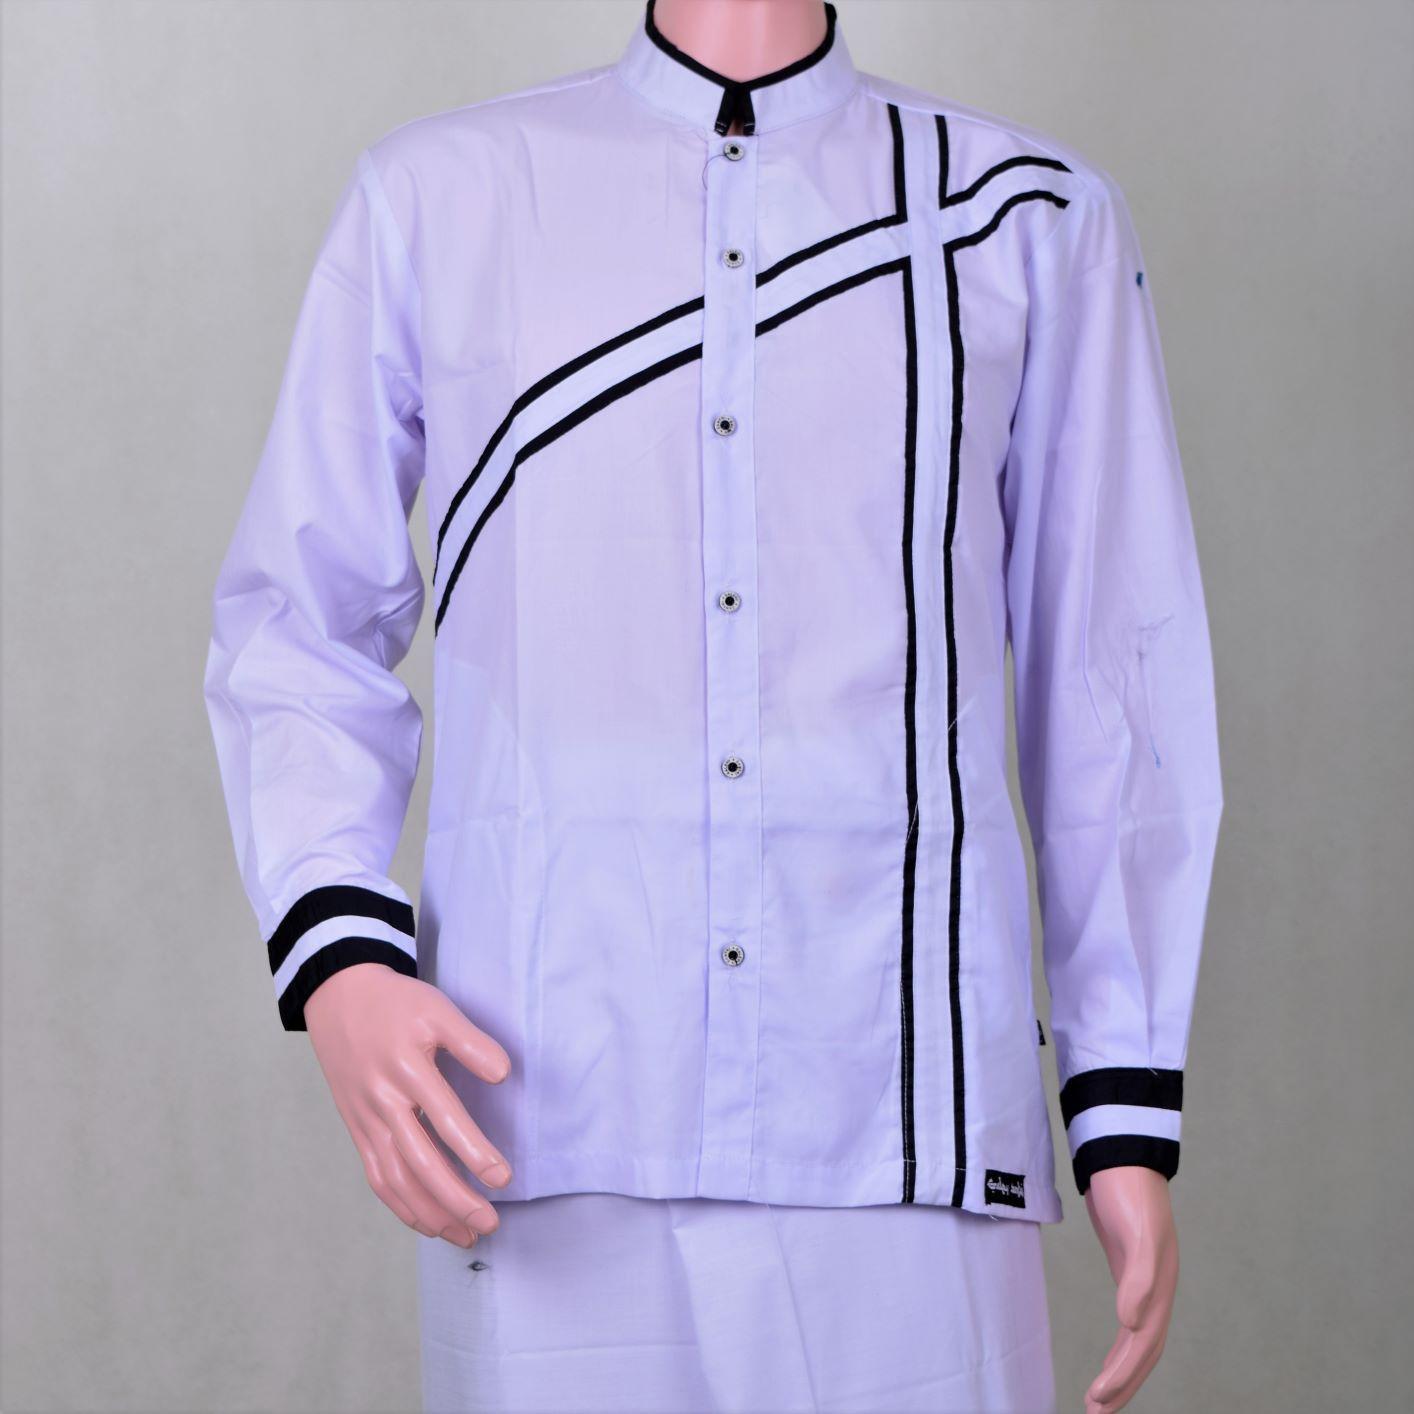 Fitur Baju Koko Pria Putih Motif List Berkualitas Keren Dan Kemeja Polos Kombinasi Garis Hitam Berwibawa